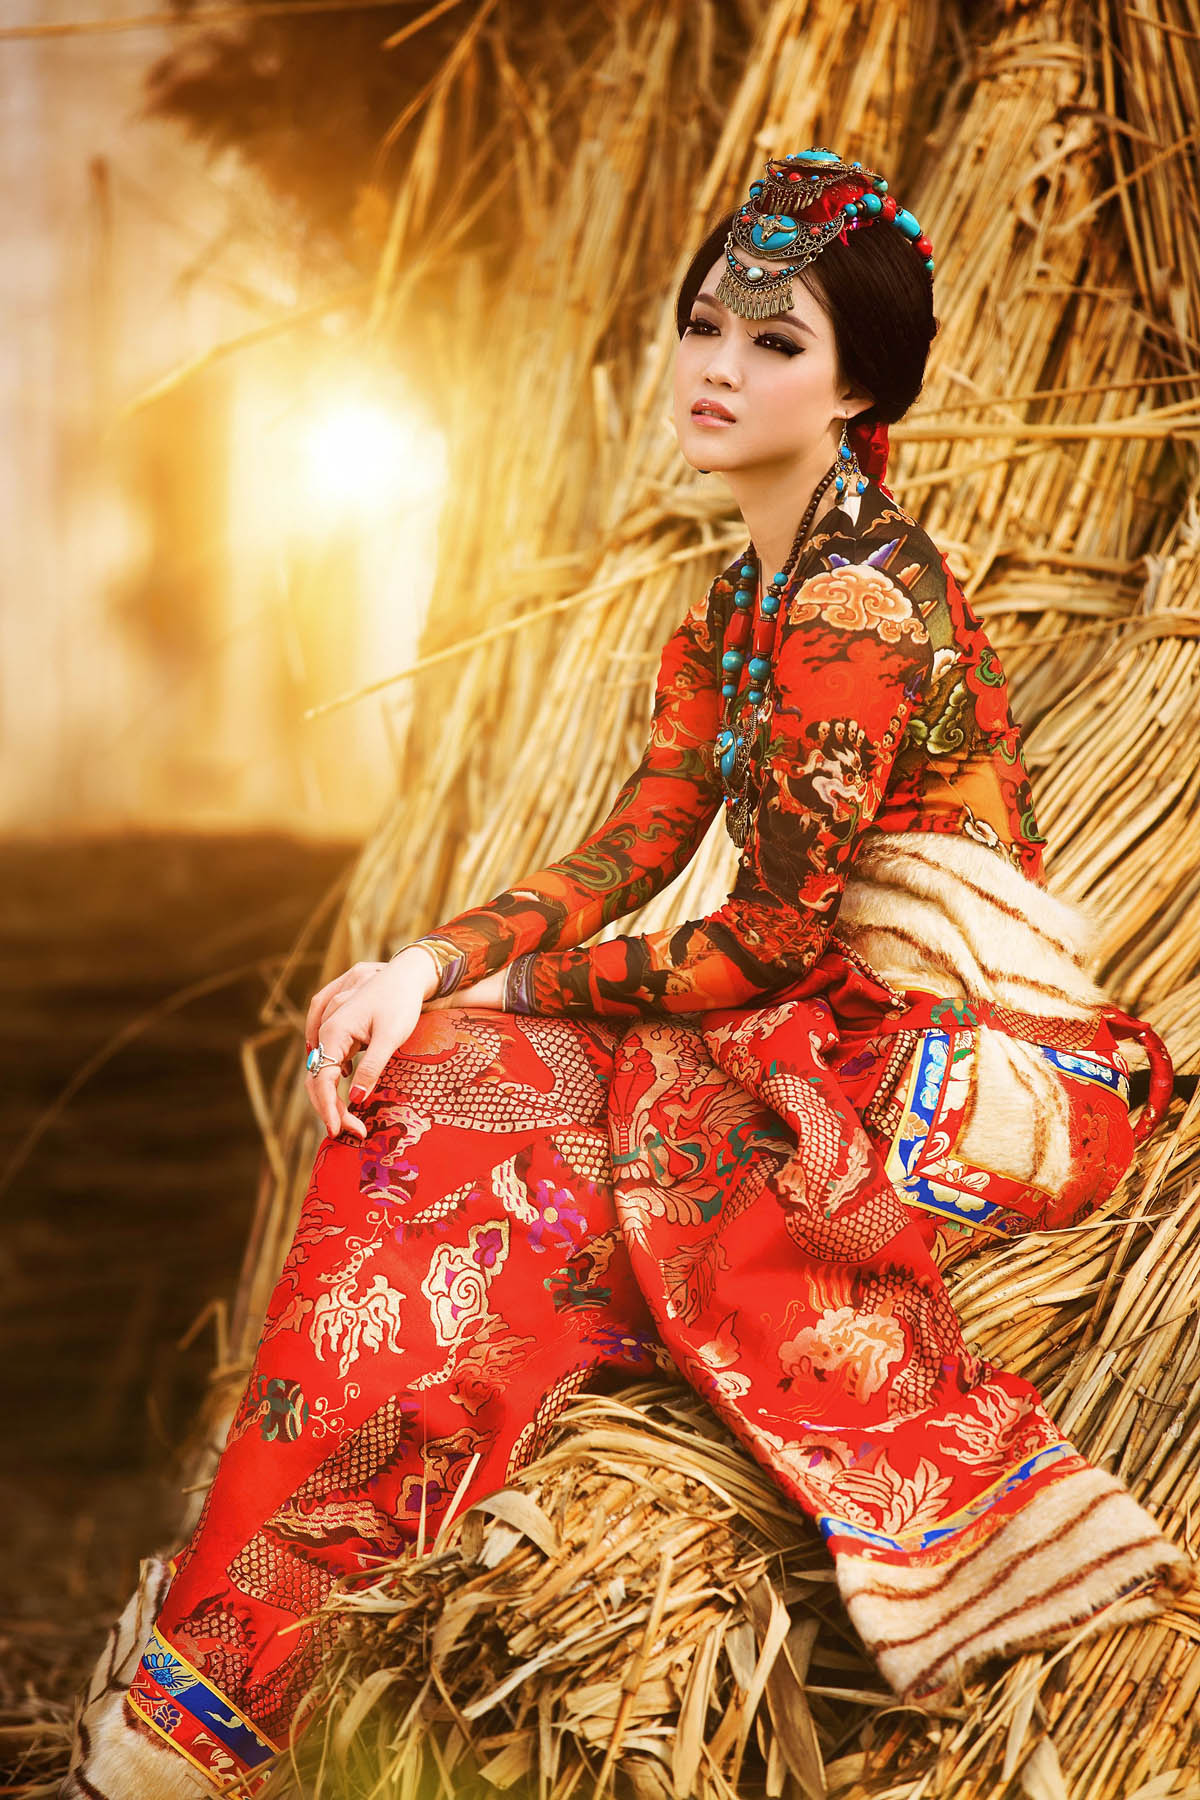 响彻草原的辽阔绵长的女中音 降央卓玛《诺言 2CD》- 无忧女 - 无忧女的博客